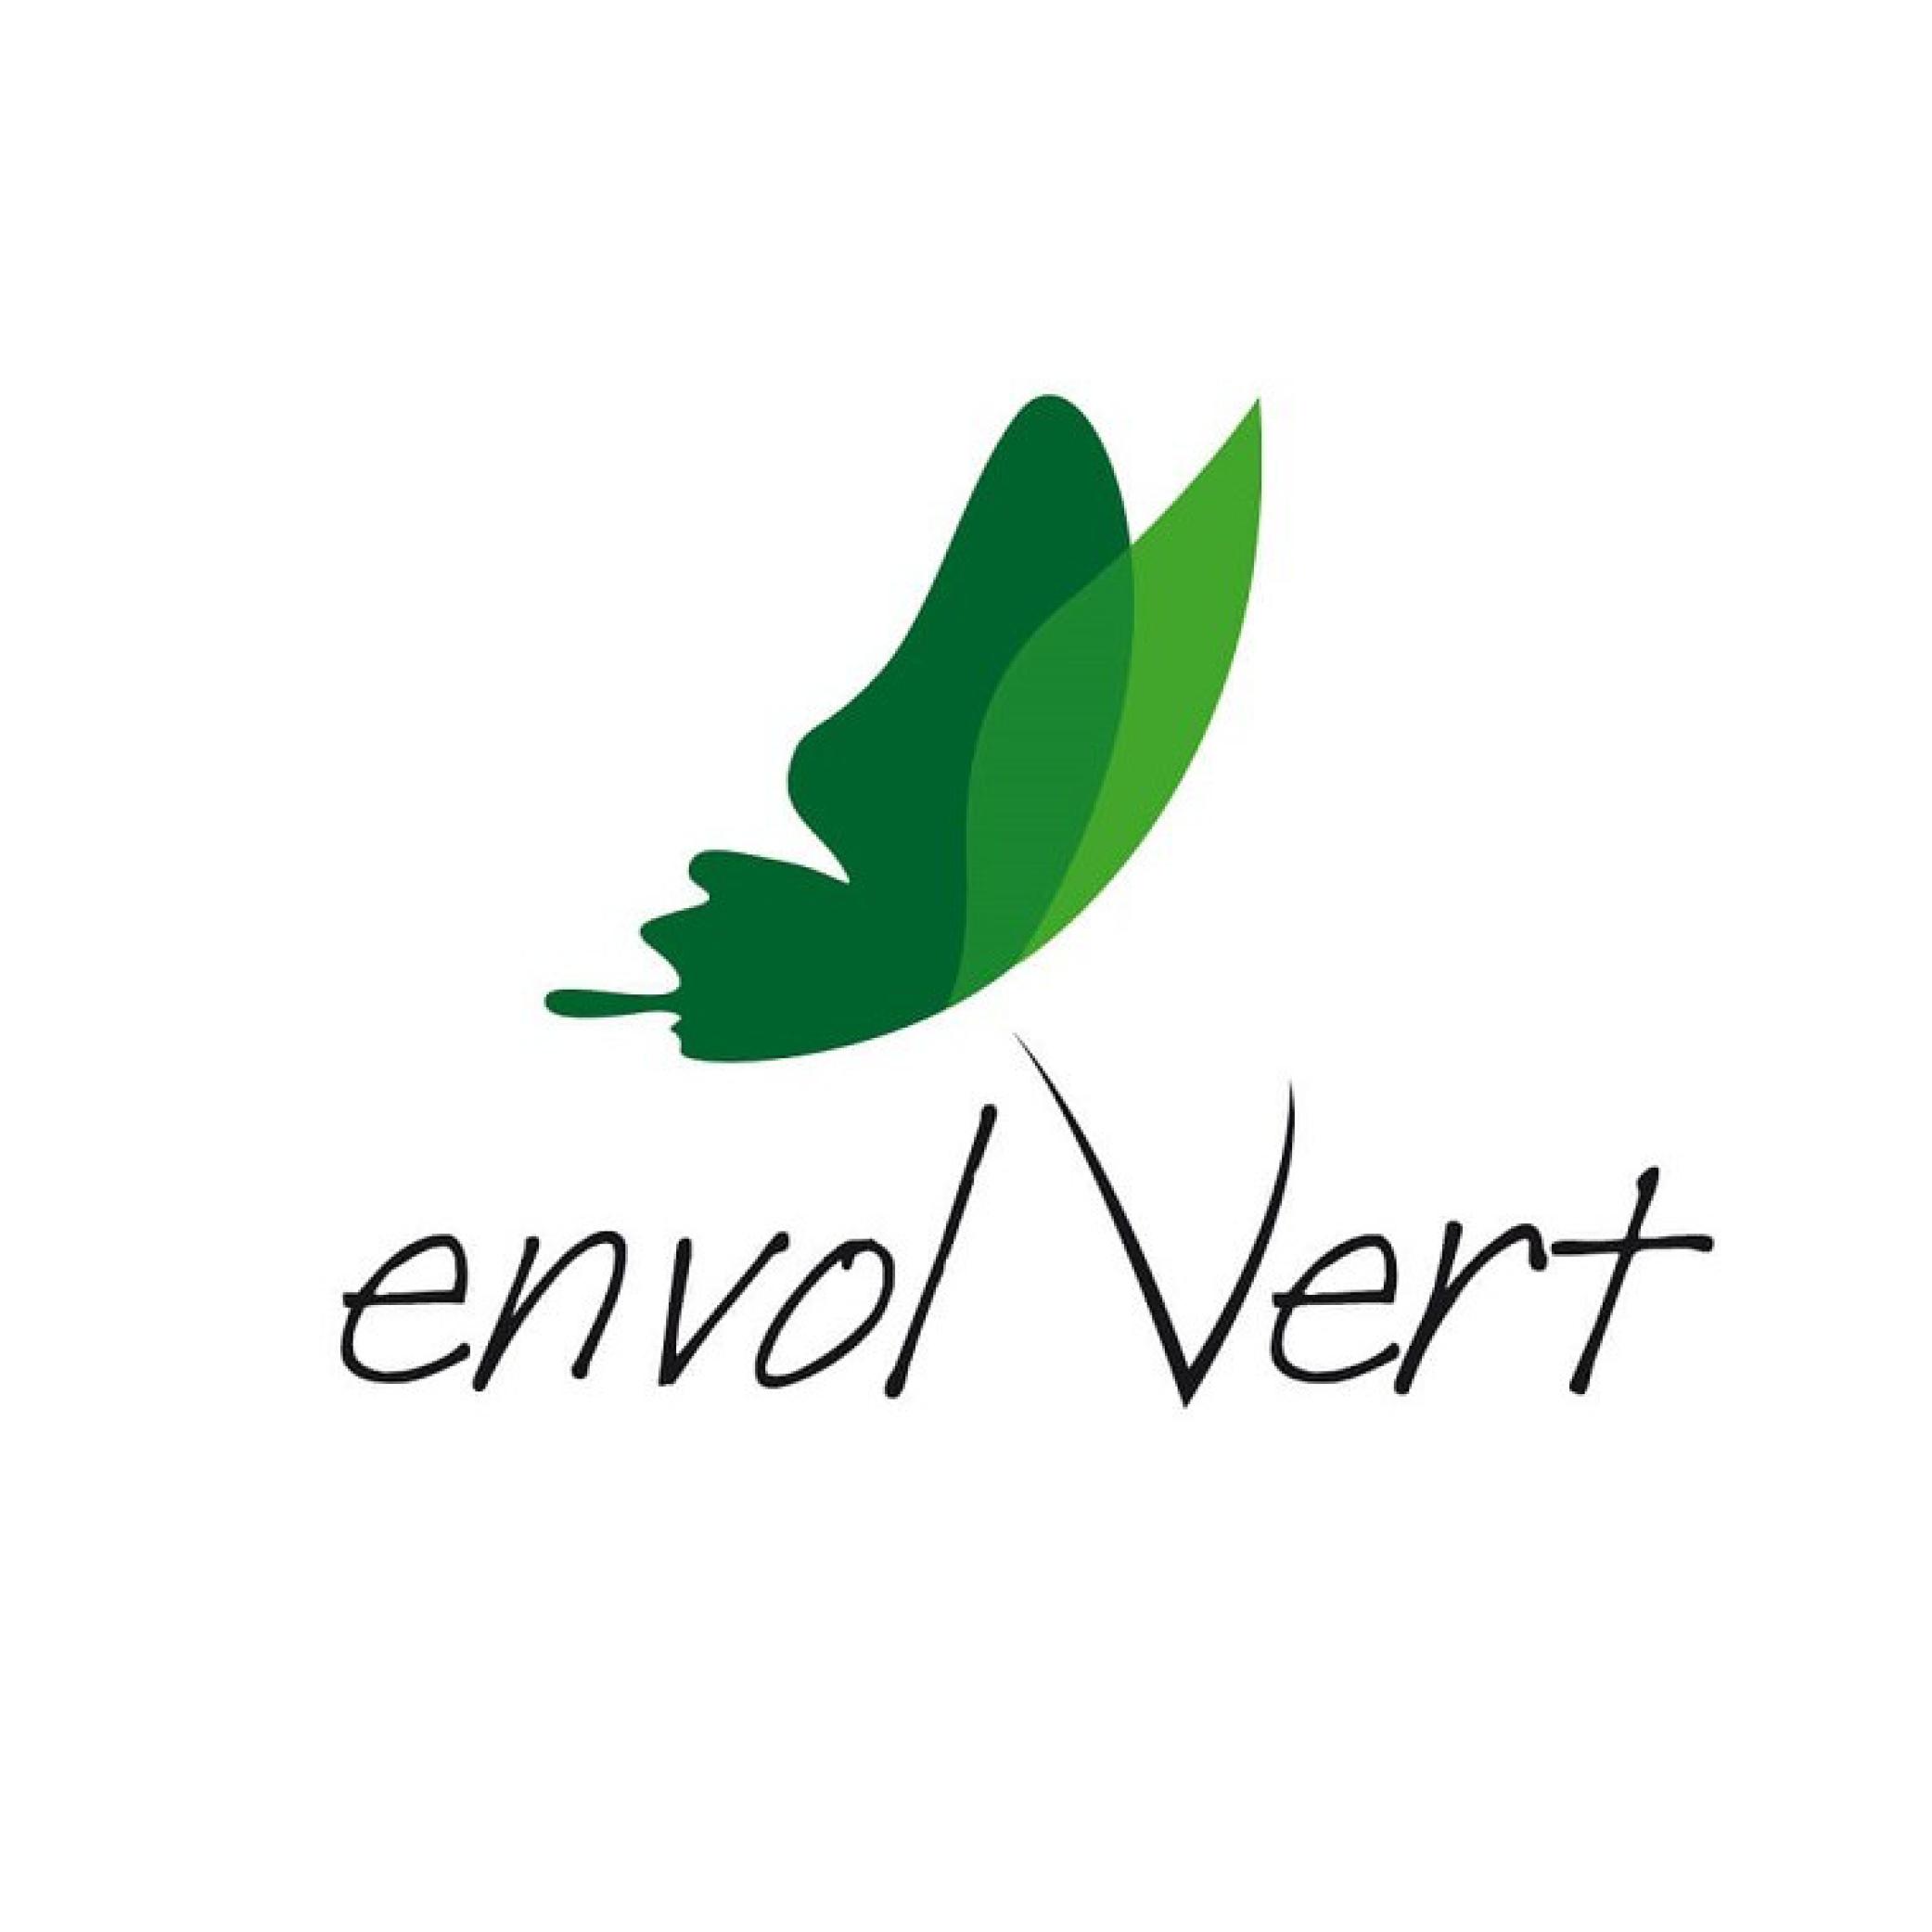 macaron_envol-vert_web.png